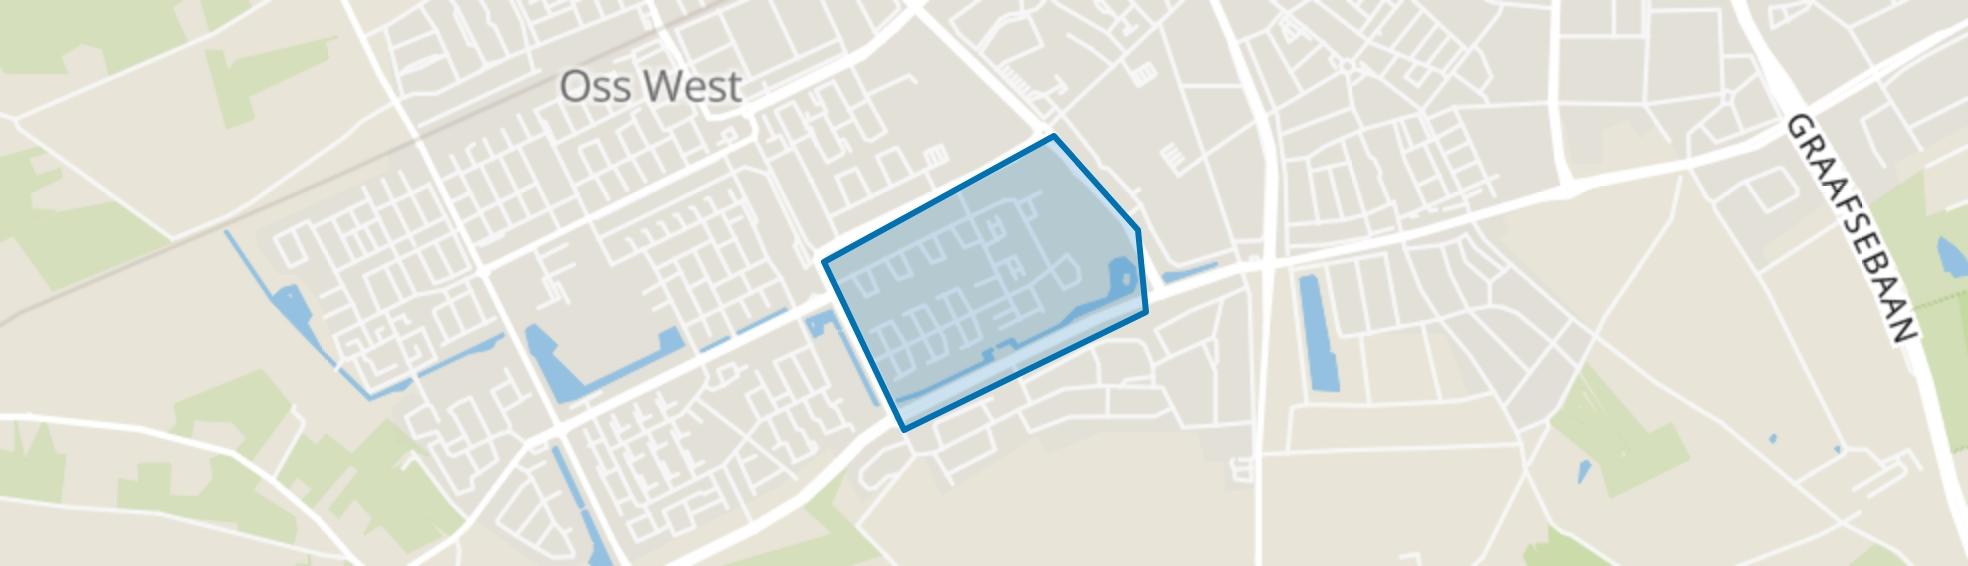 Wagenaarstraat en omgeving, Oss map